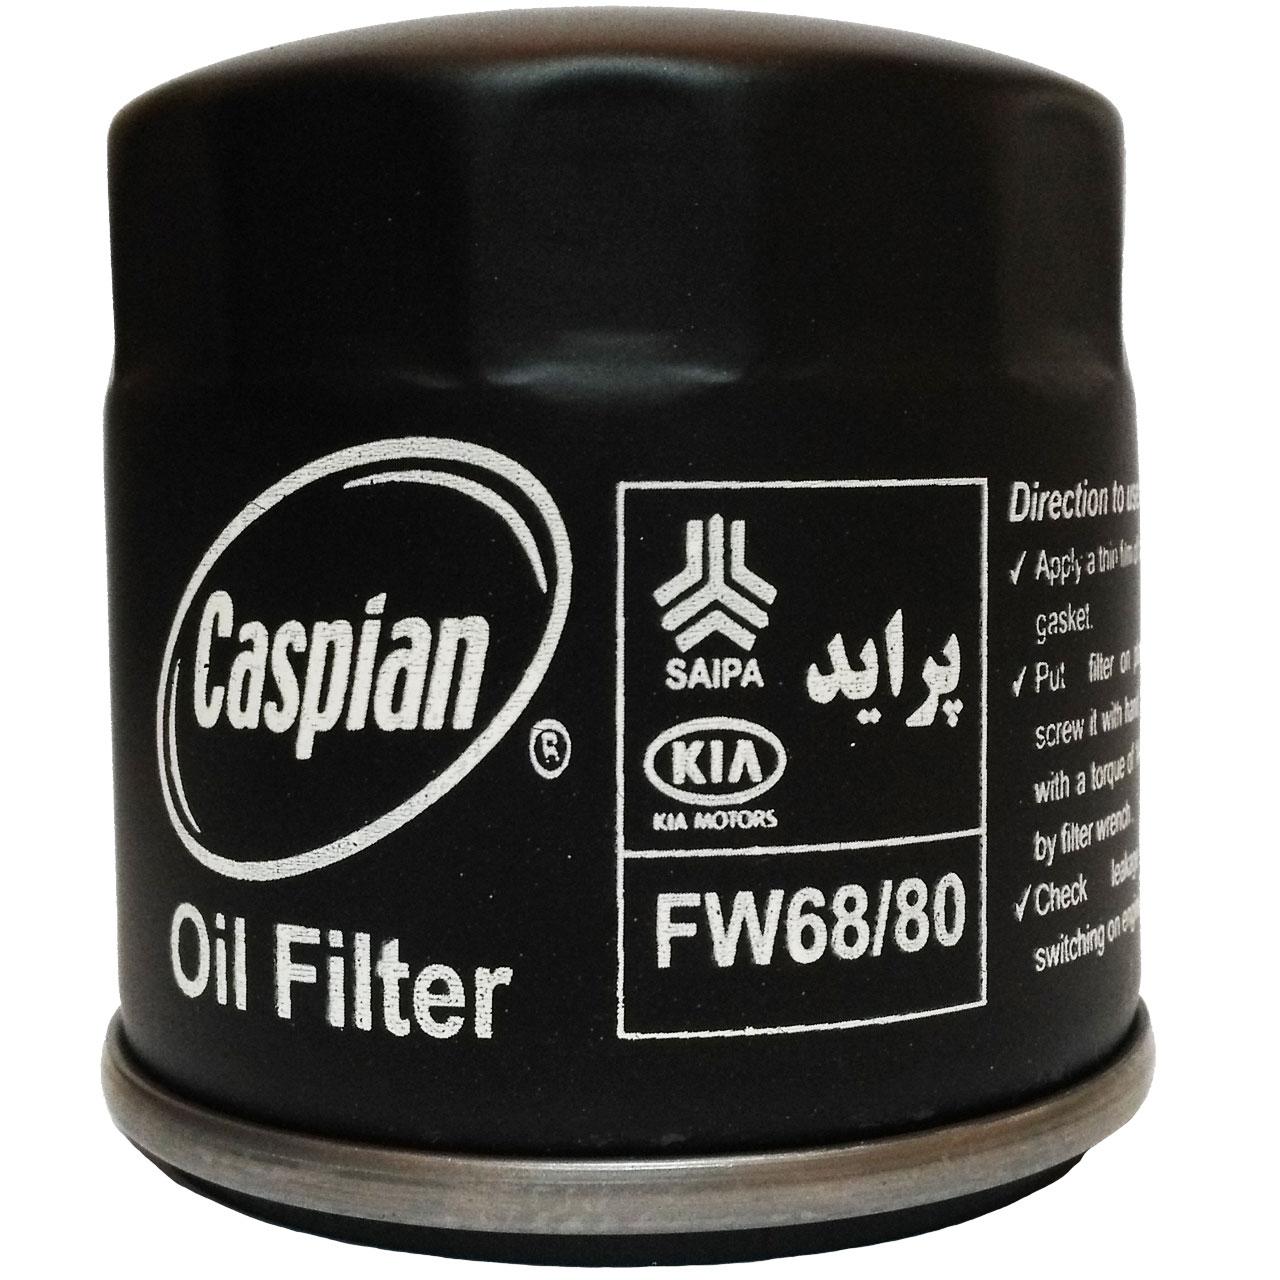 فیلتر روغن خودروی کاسپین مدل FW68/80 مناسب برای پراید 141